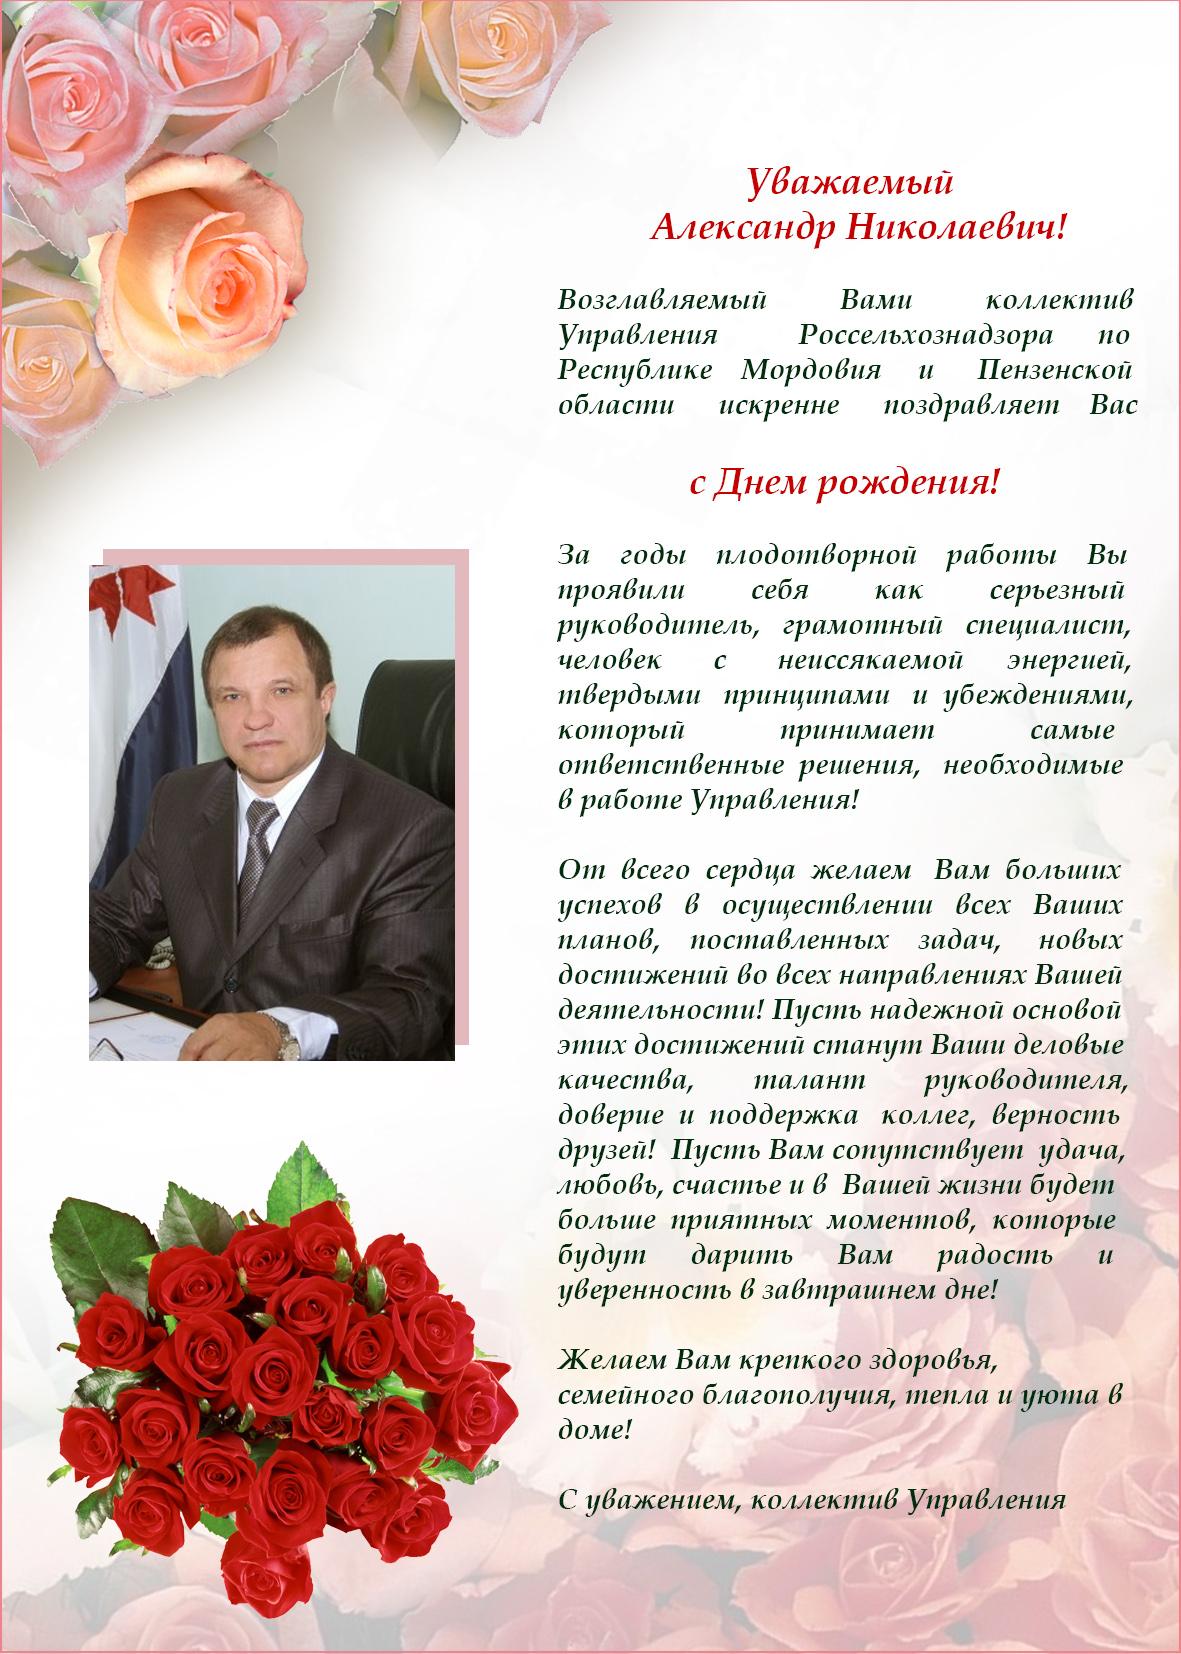 Поздравления с Днем Рождения руководителю 2